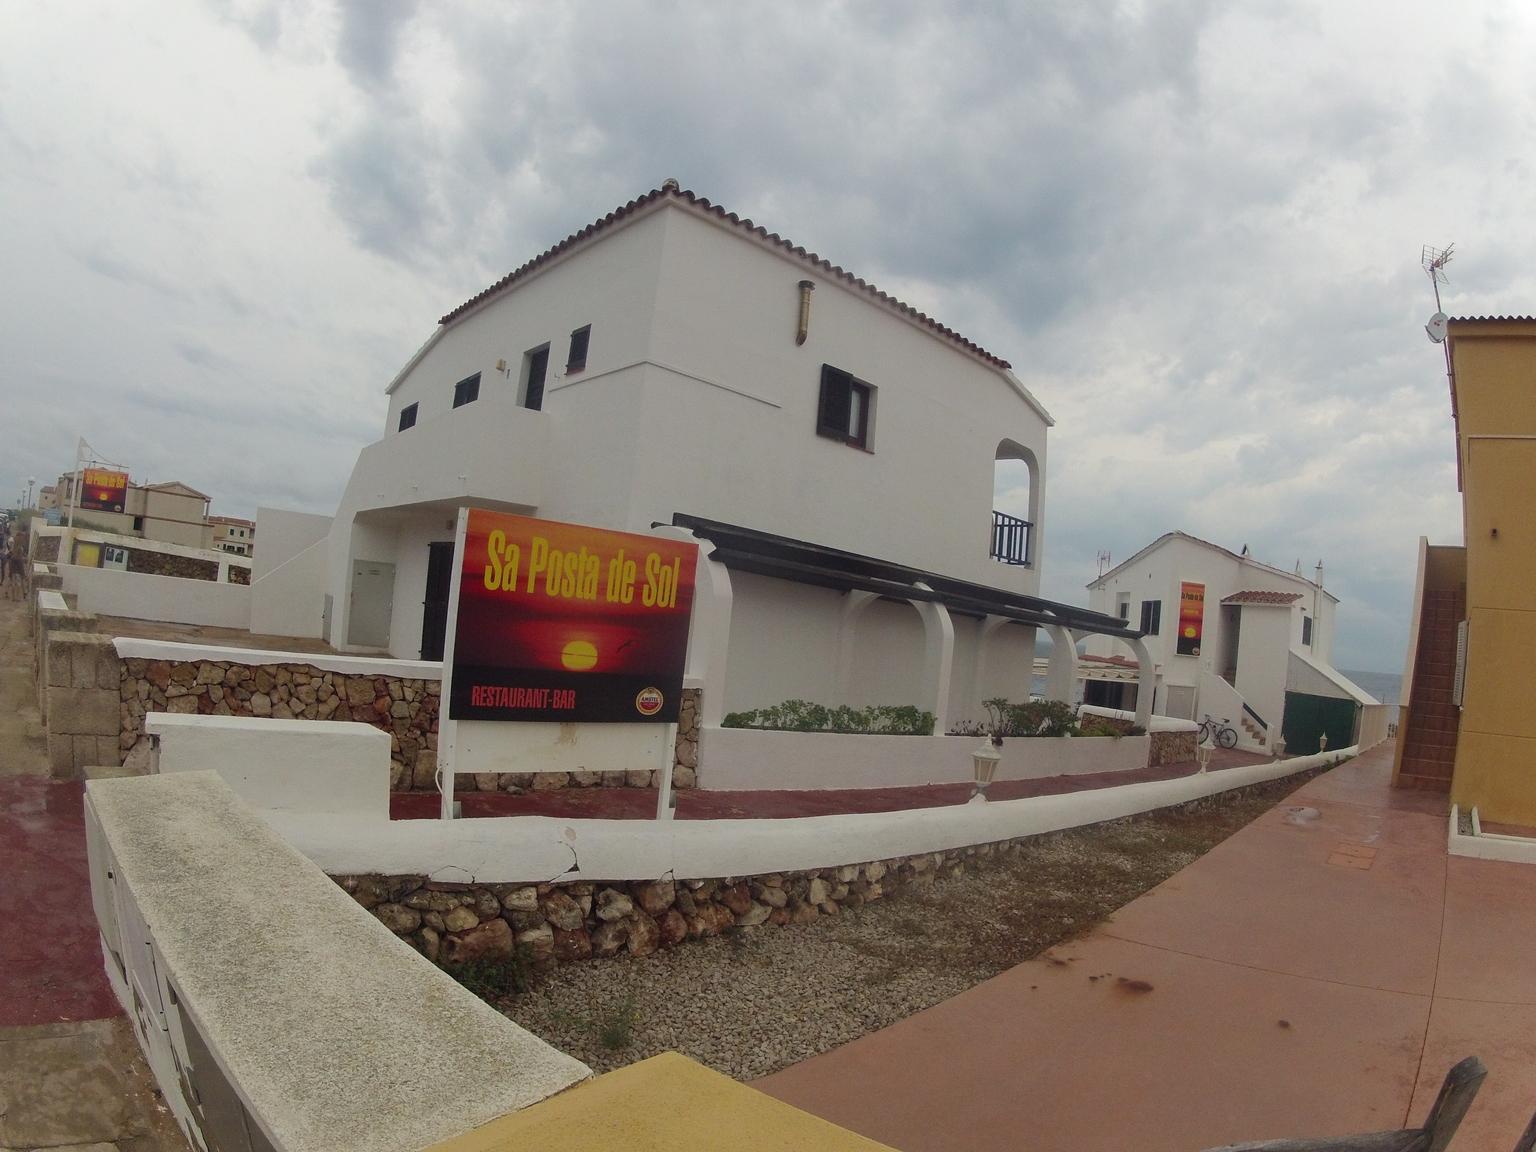 Sa Posta De Sol Old Maxi S Snack Bar Menorca Diferente